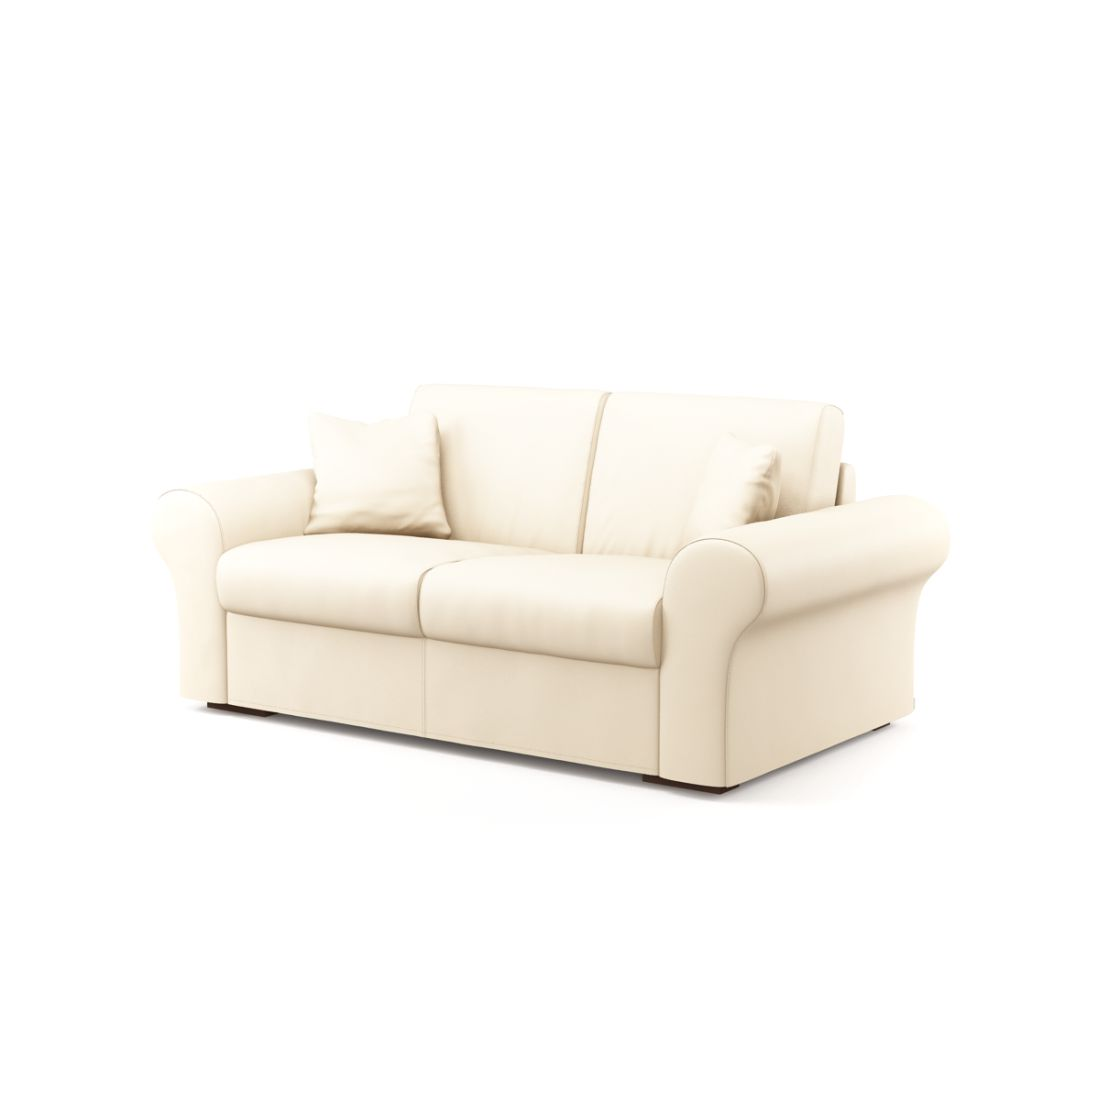 Schlafsofa Novo (2-Sitzer) – Soft 1401 (Creme), Von Wilmowsky günstig